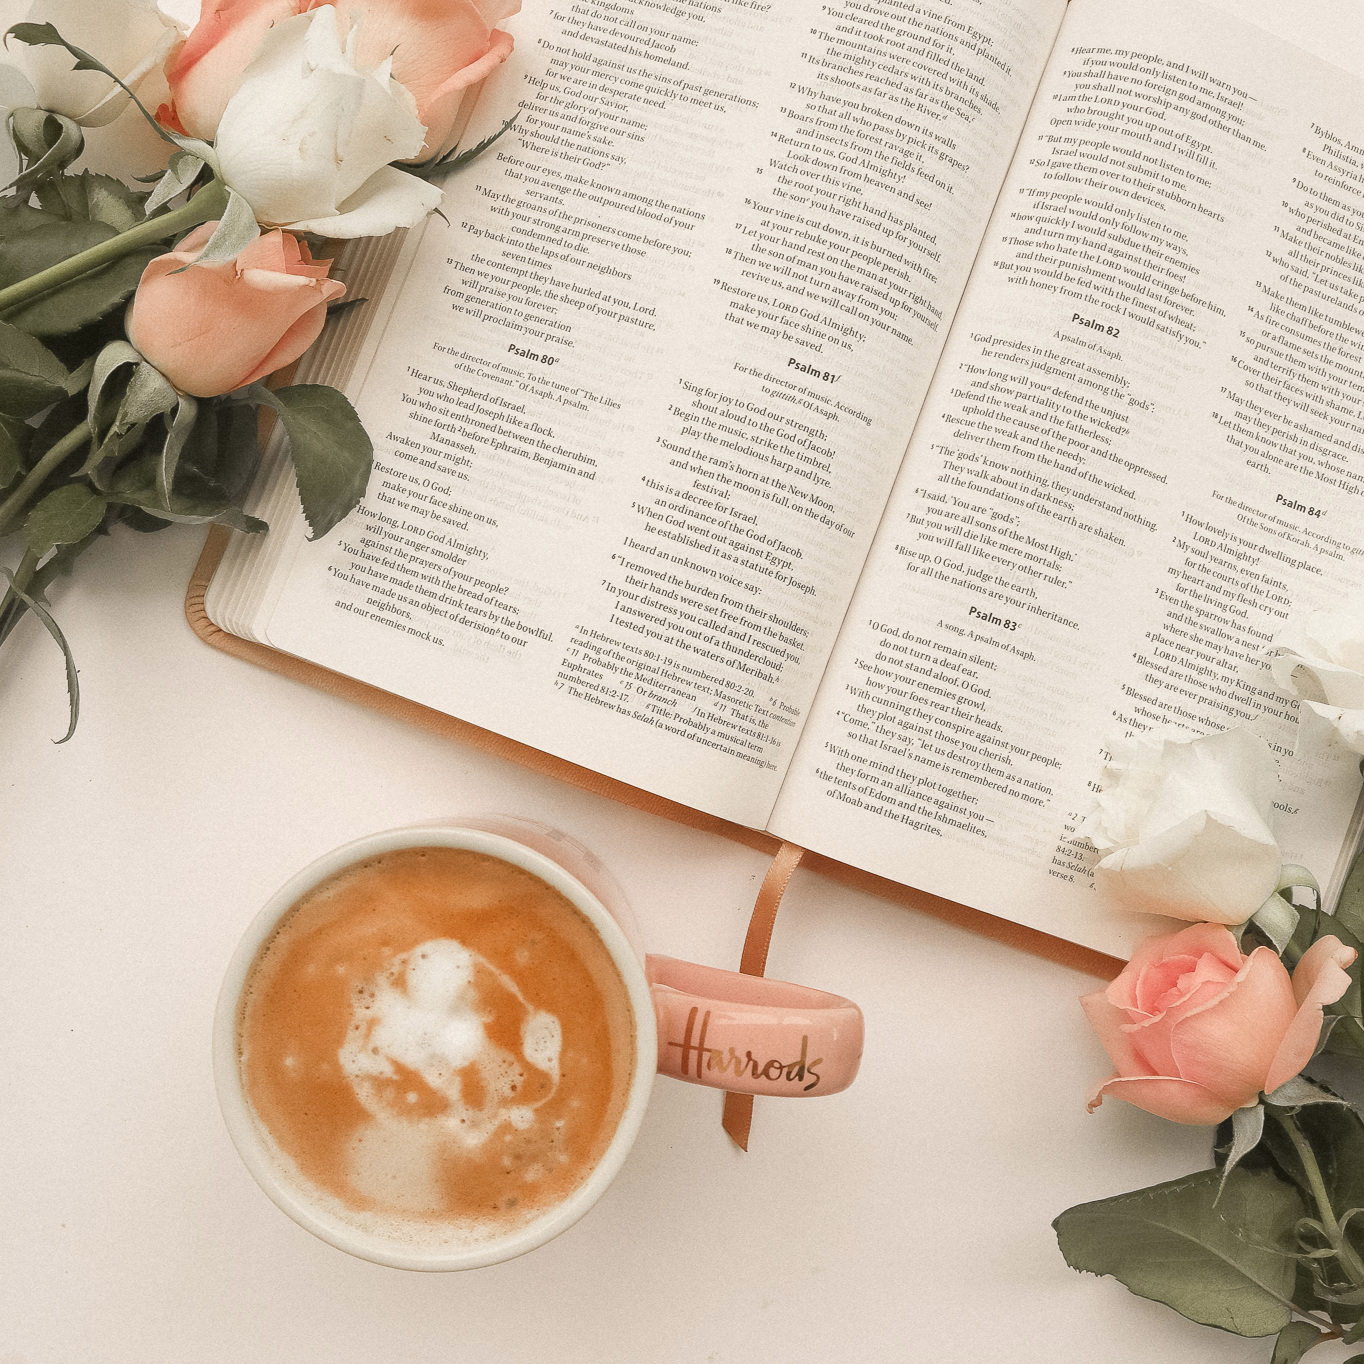 Elise+Hodge+Bible+study.jpg